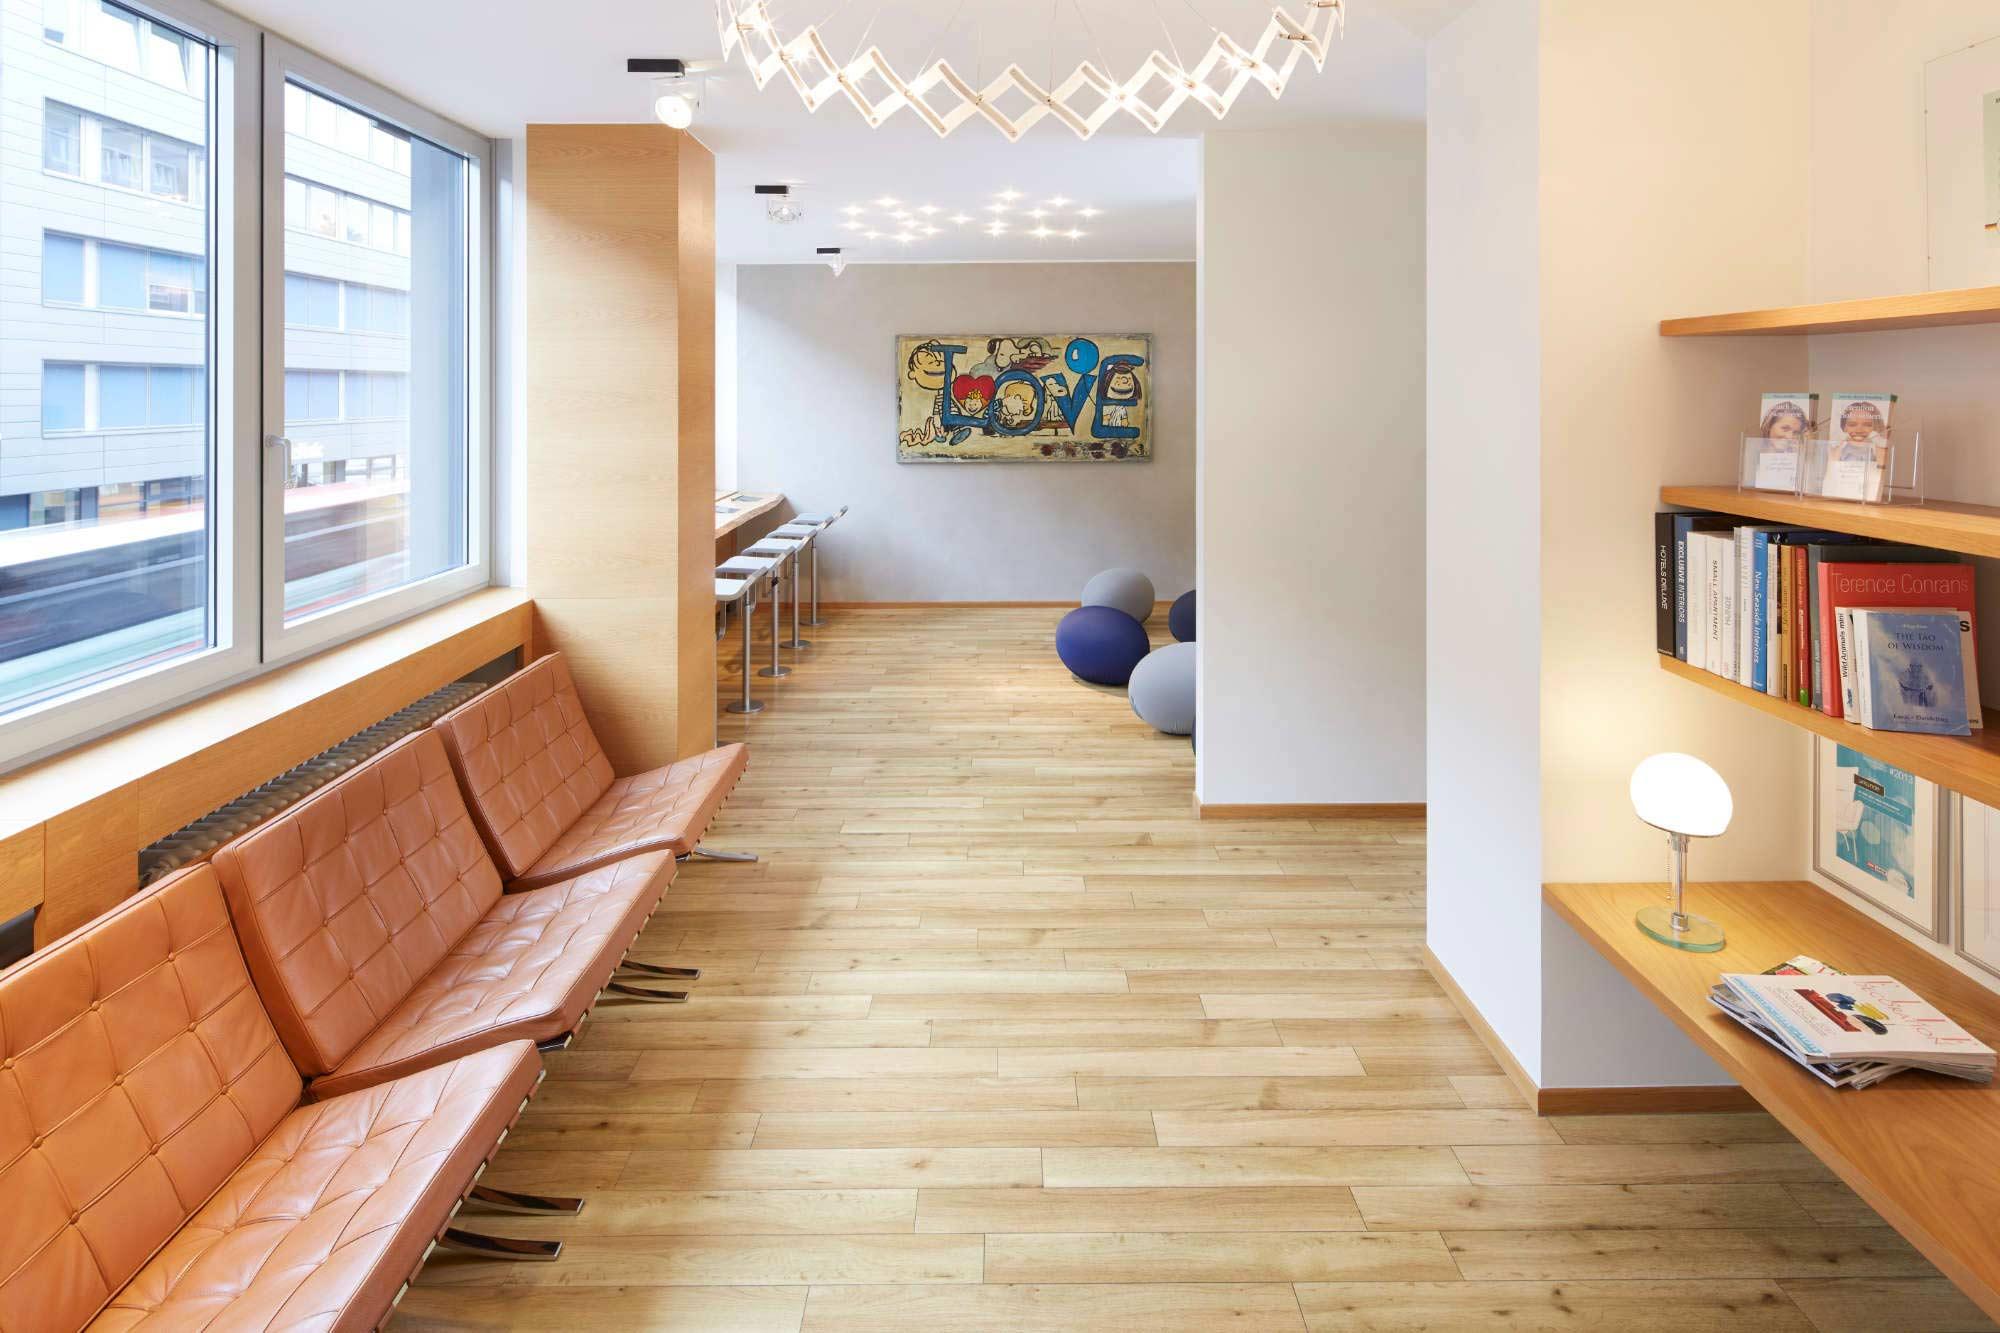 Architekturfoto eines Wartezimmers in einer Arztpraxis in Aachen, Innenaufnahme